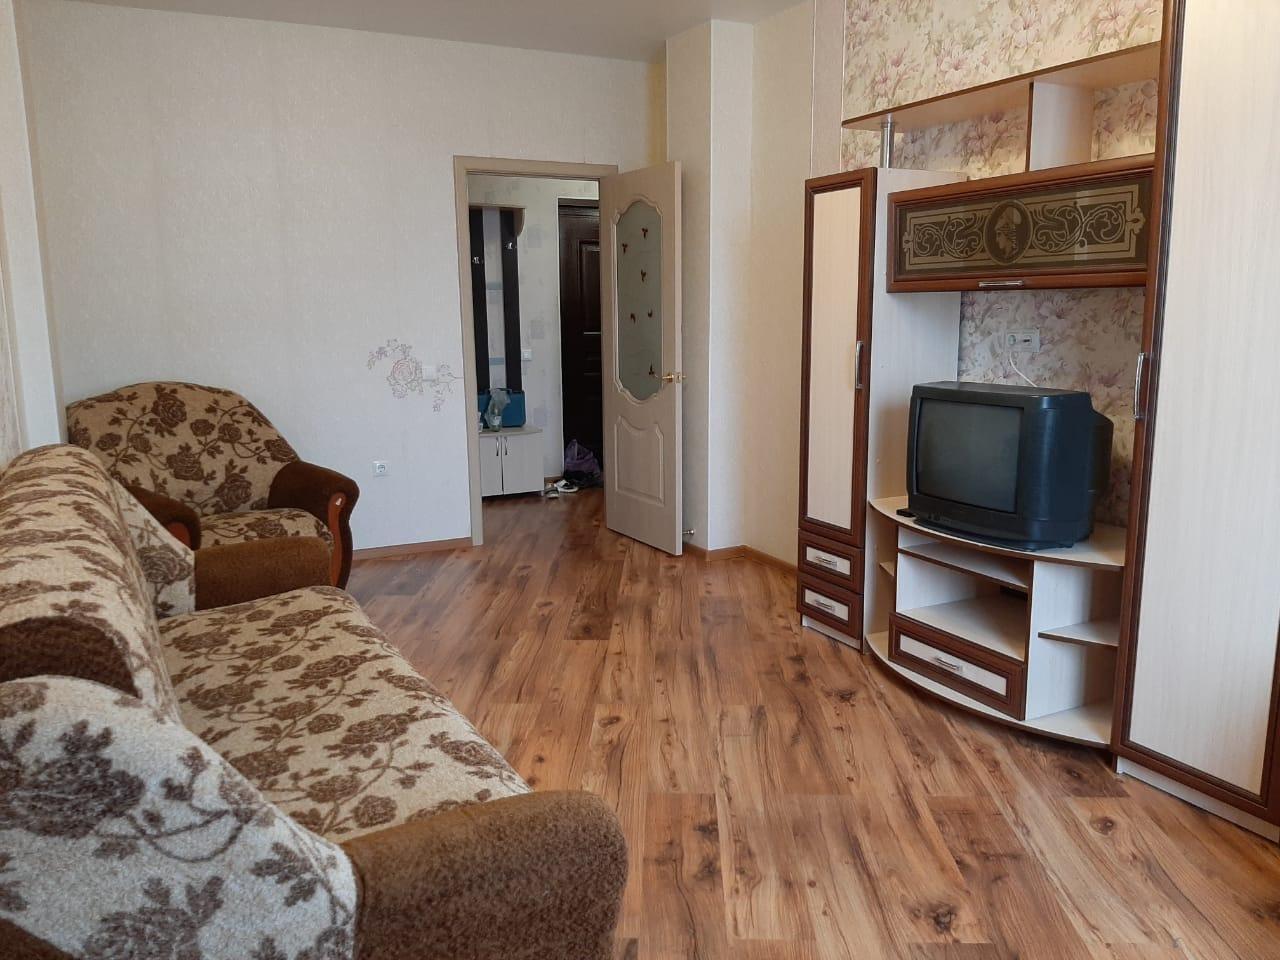 1к квартира улица Батурина, 30 к1 | 14500 | аренда в Красноярске фото 1